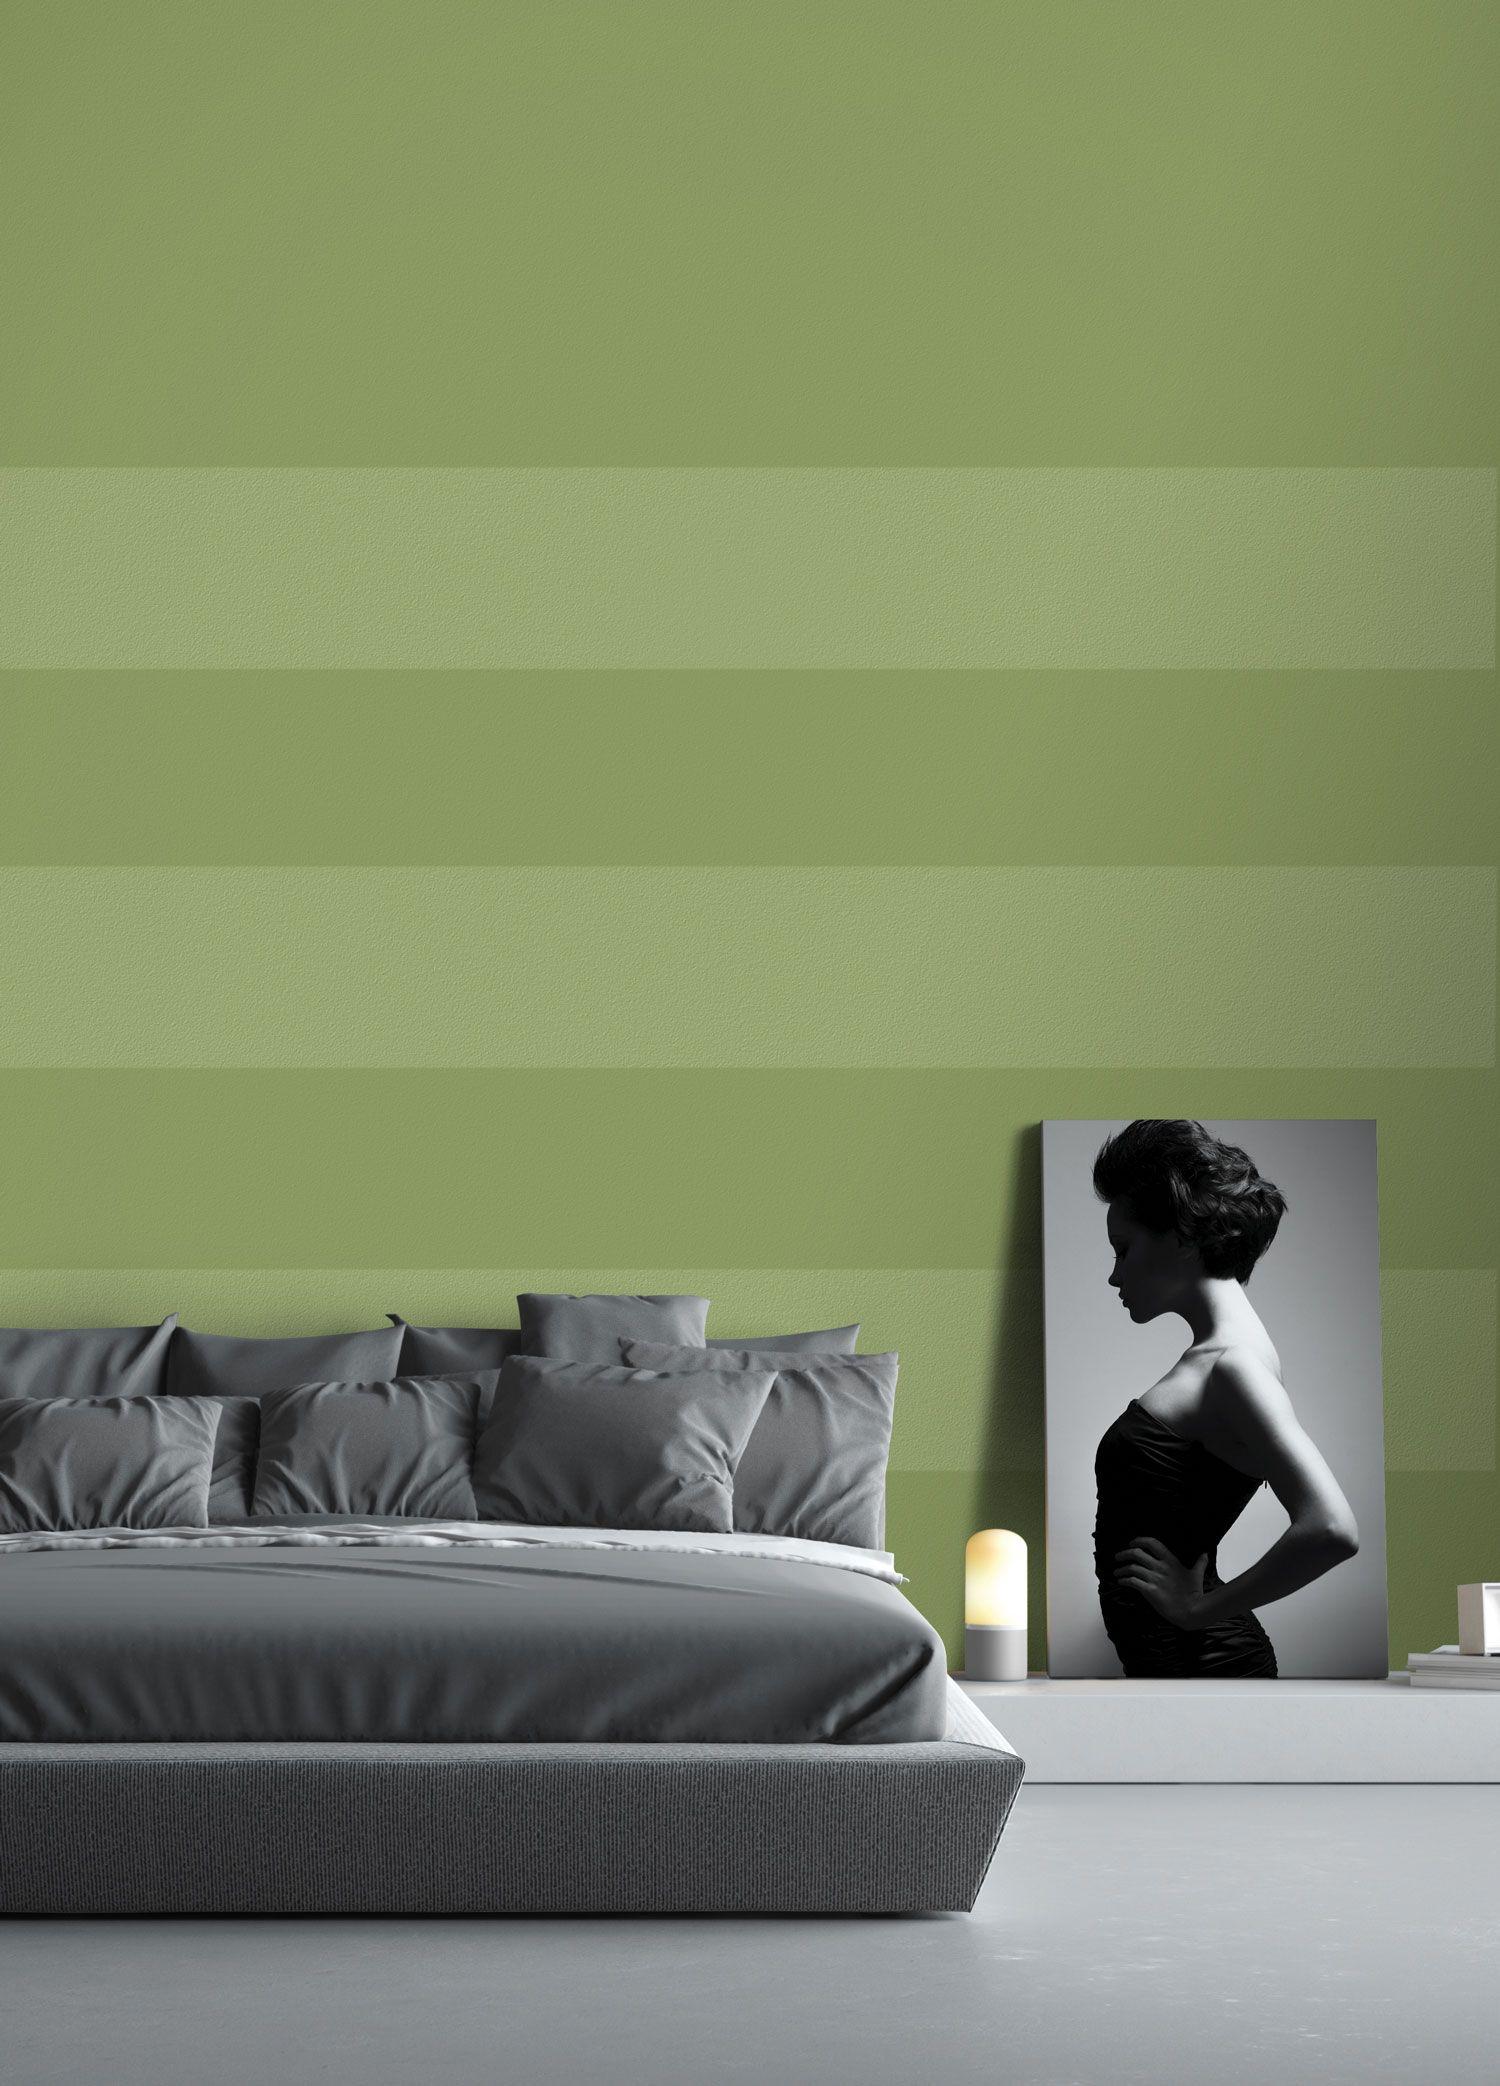 Peinture Sico La Couleur Verte Dans La Chambre Coucher Pourquoi